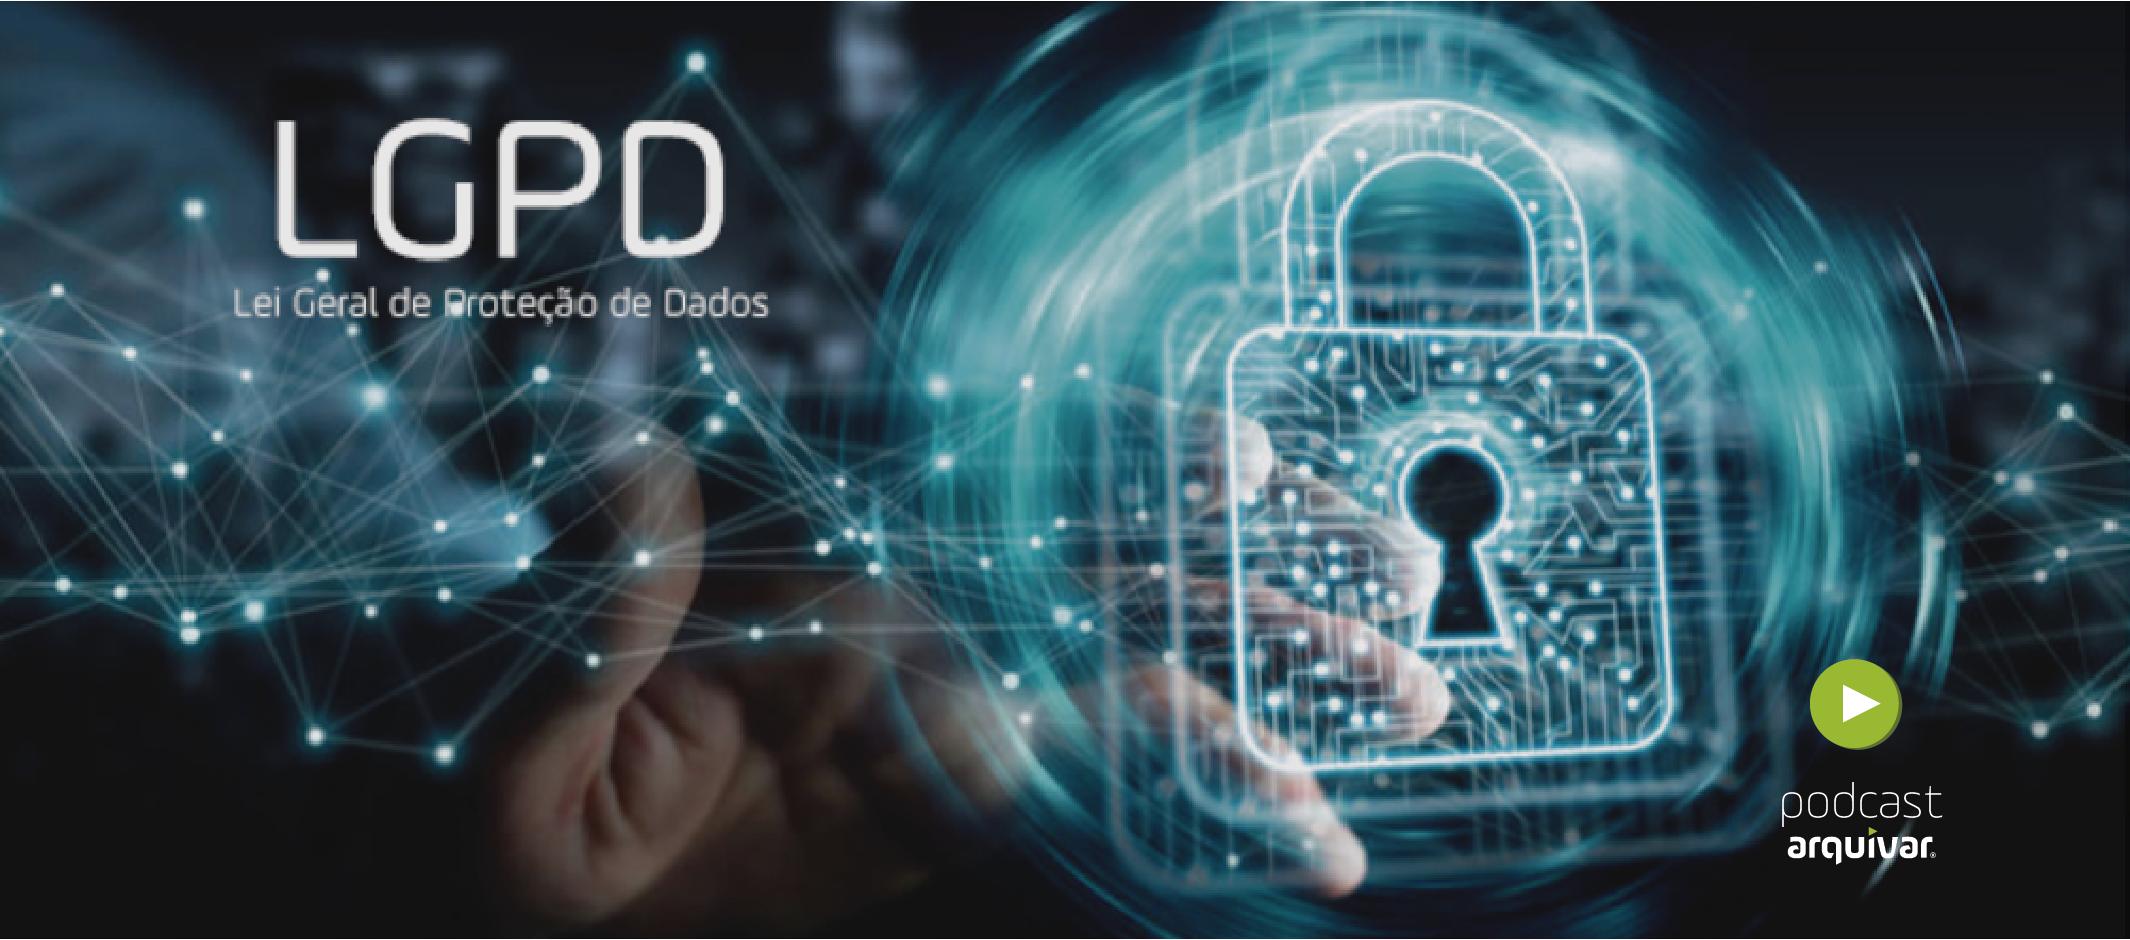 Arte conceitual da Lei geral da proteção de dados